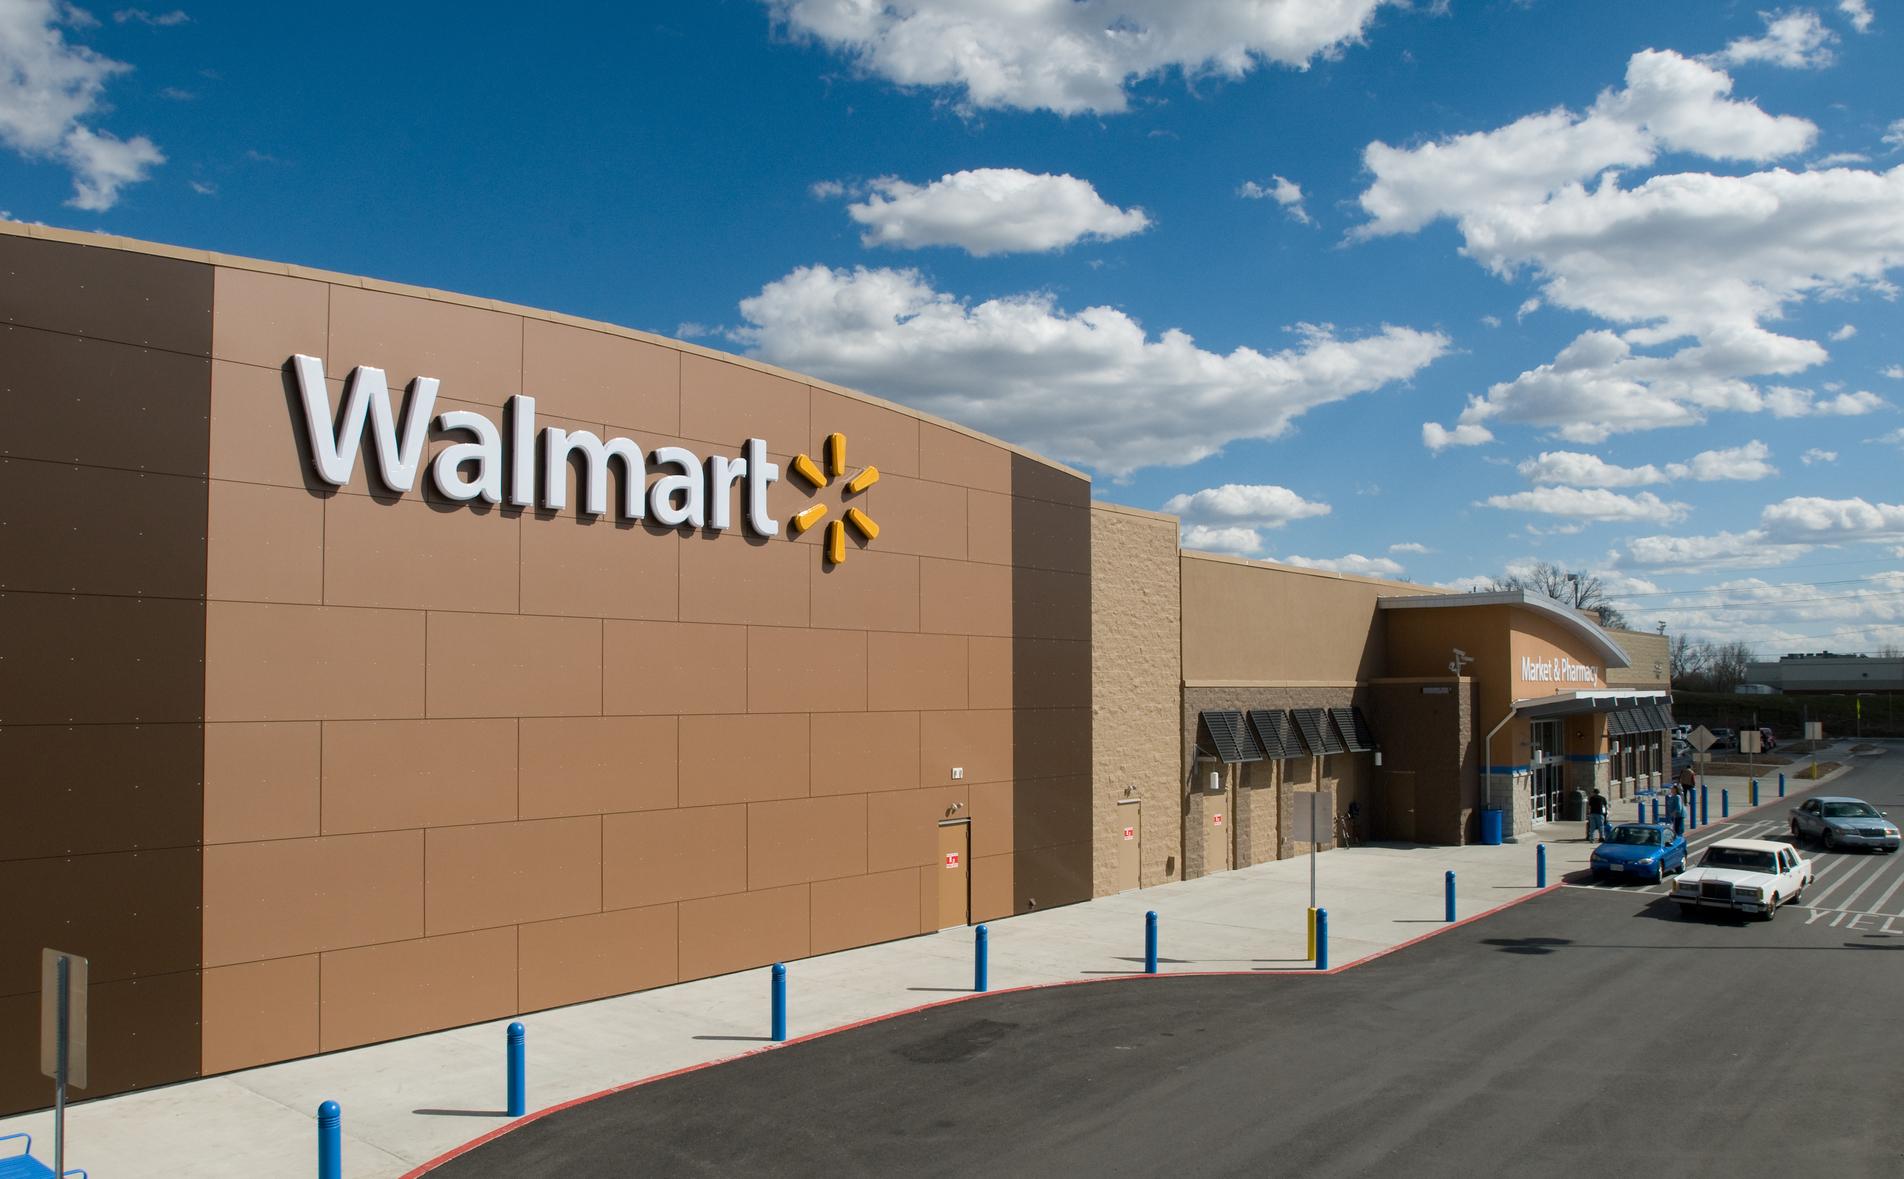 A Walmart supercenter store front.